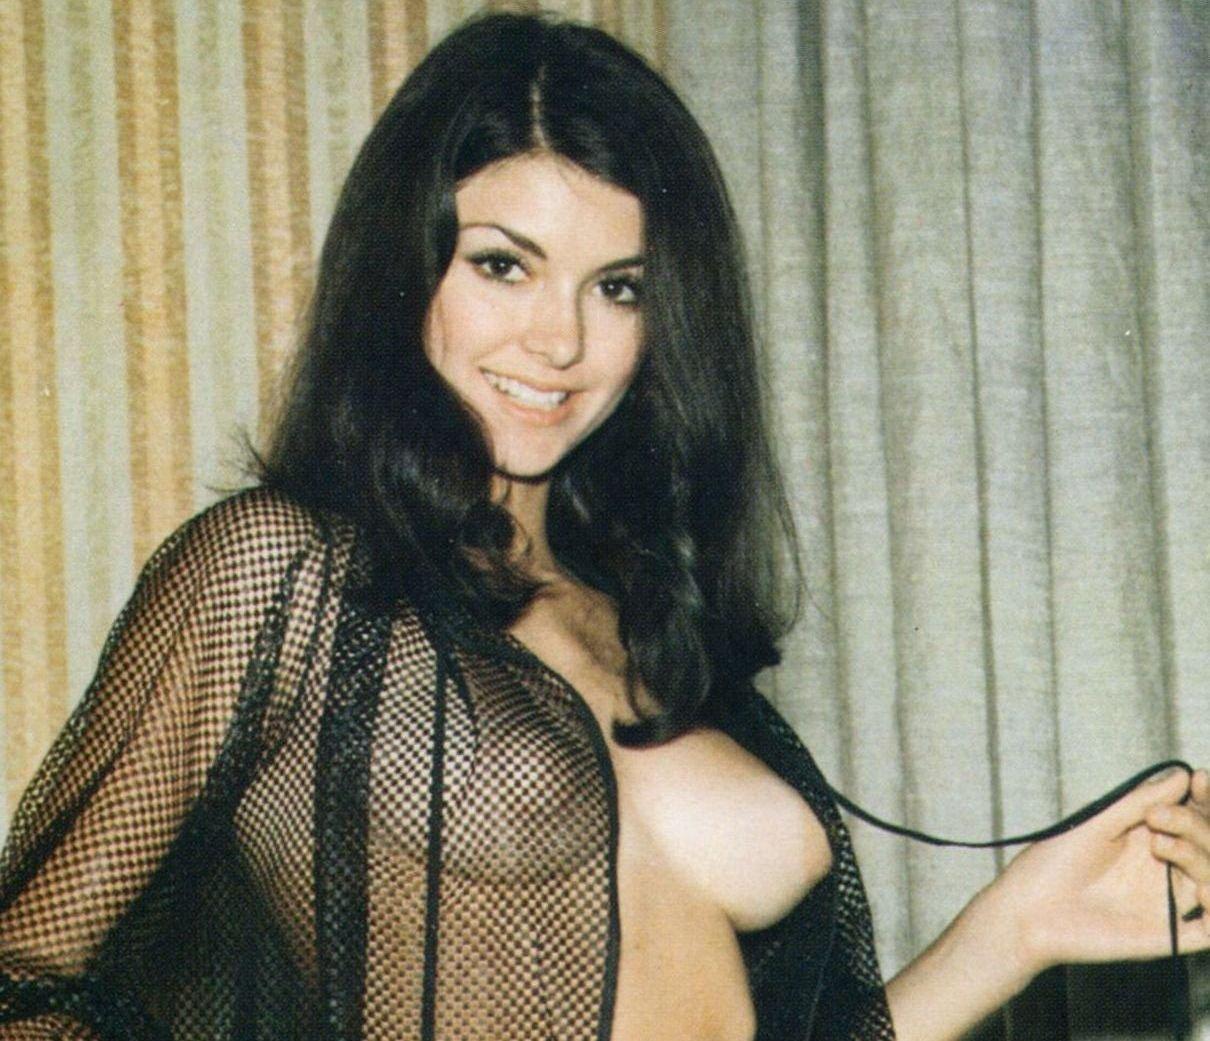 Victoria Principal Nude & Sexy (42 Photos)   #TheFappening